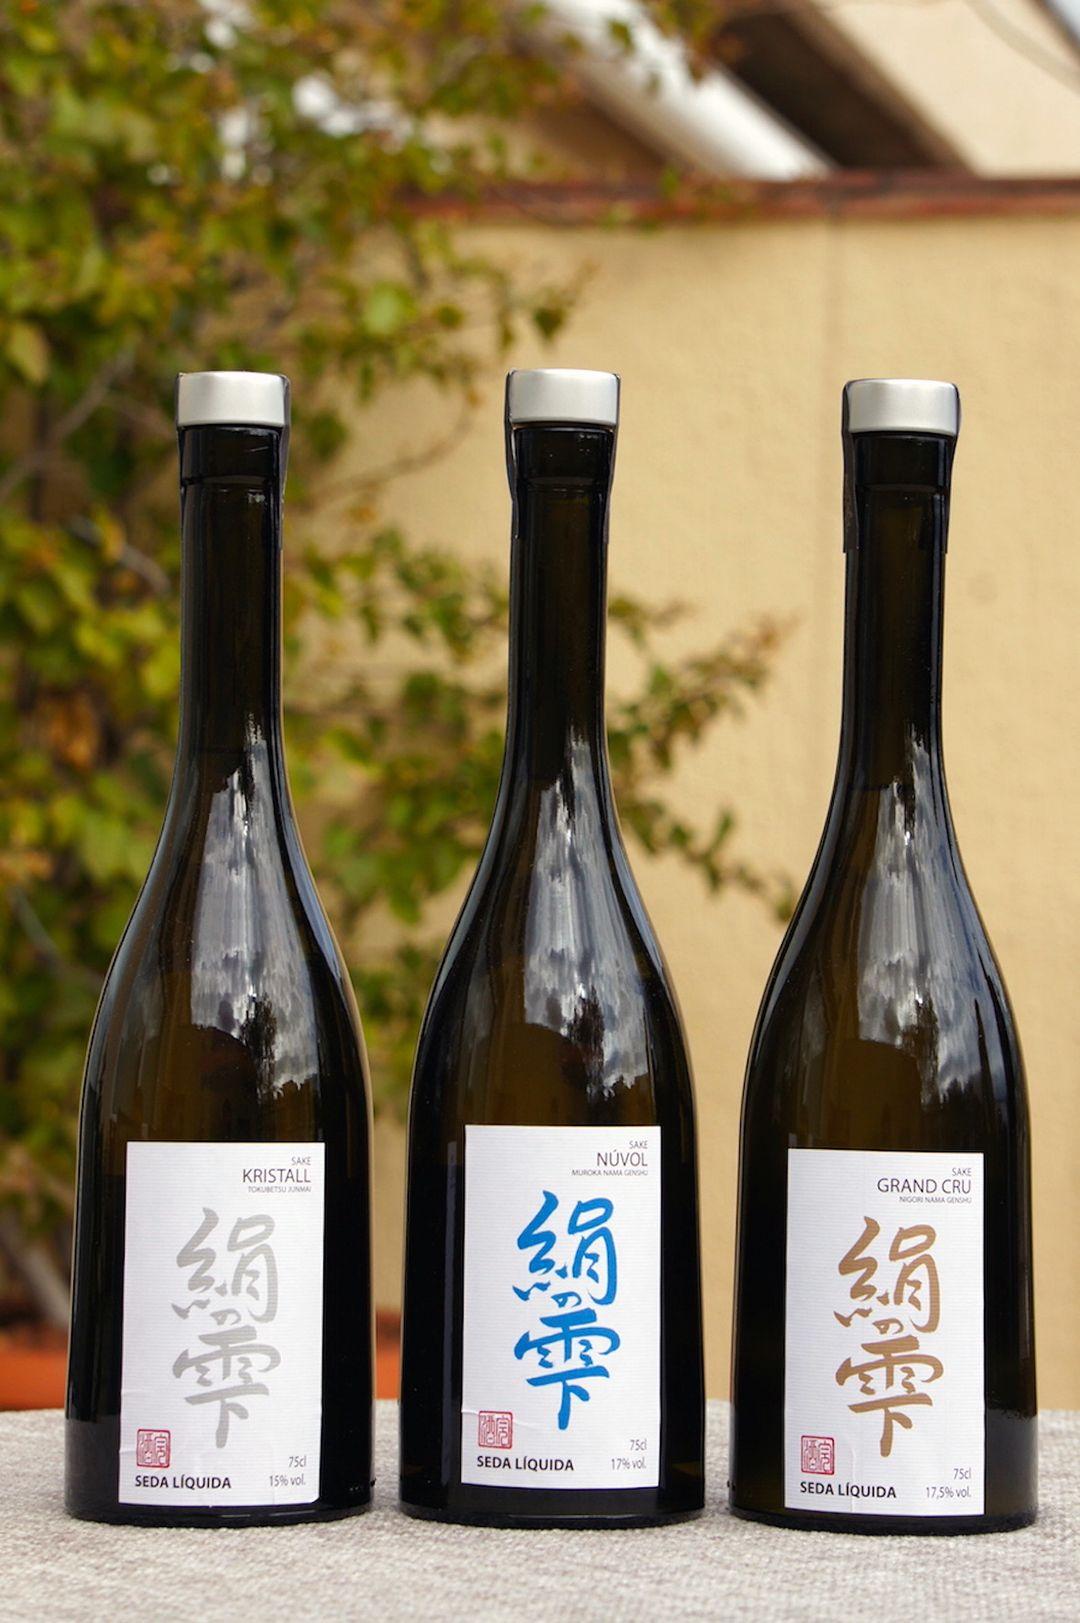 絹の雫スペインピレネー日本酒通販や購入は?価格に米は?アントニ・カンピンス酒蔵の場所はトゥイシェント【ヒャッキン】